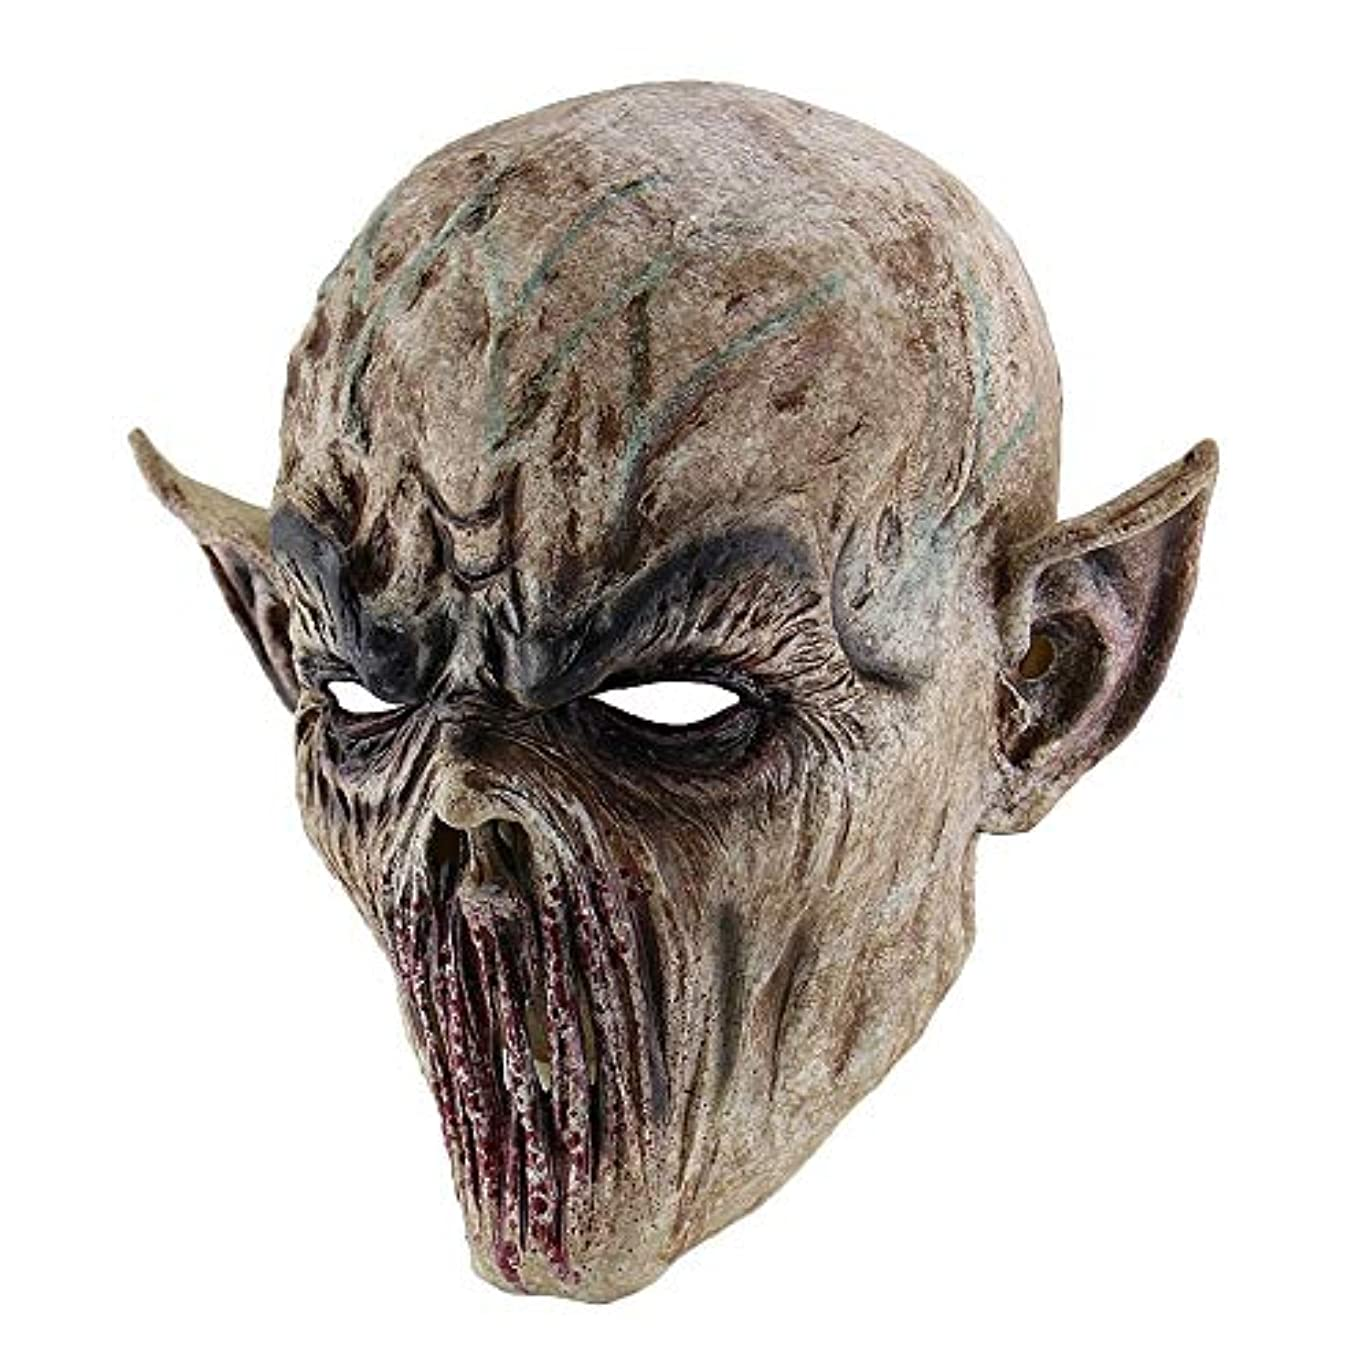 丁寧うんざり秋不気味な怖いハロウィーン不気味なラテックスマスク、大人のパーティーコスプレ衣装、仮装衣装,Zombie